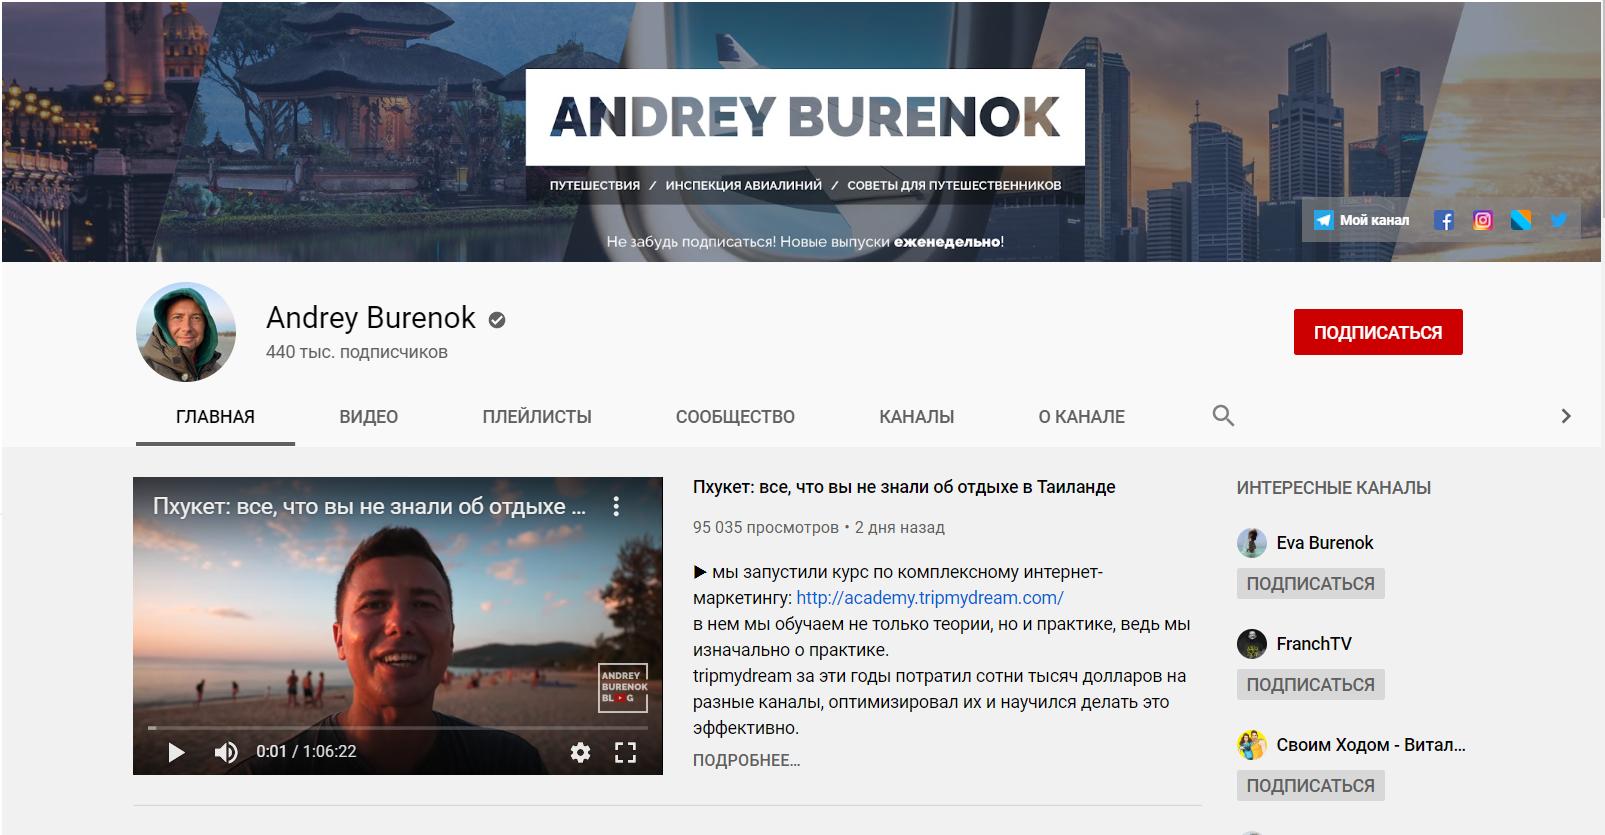 Andrey Burenok